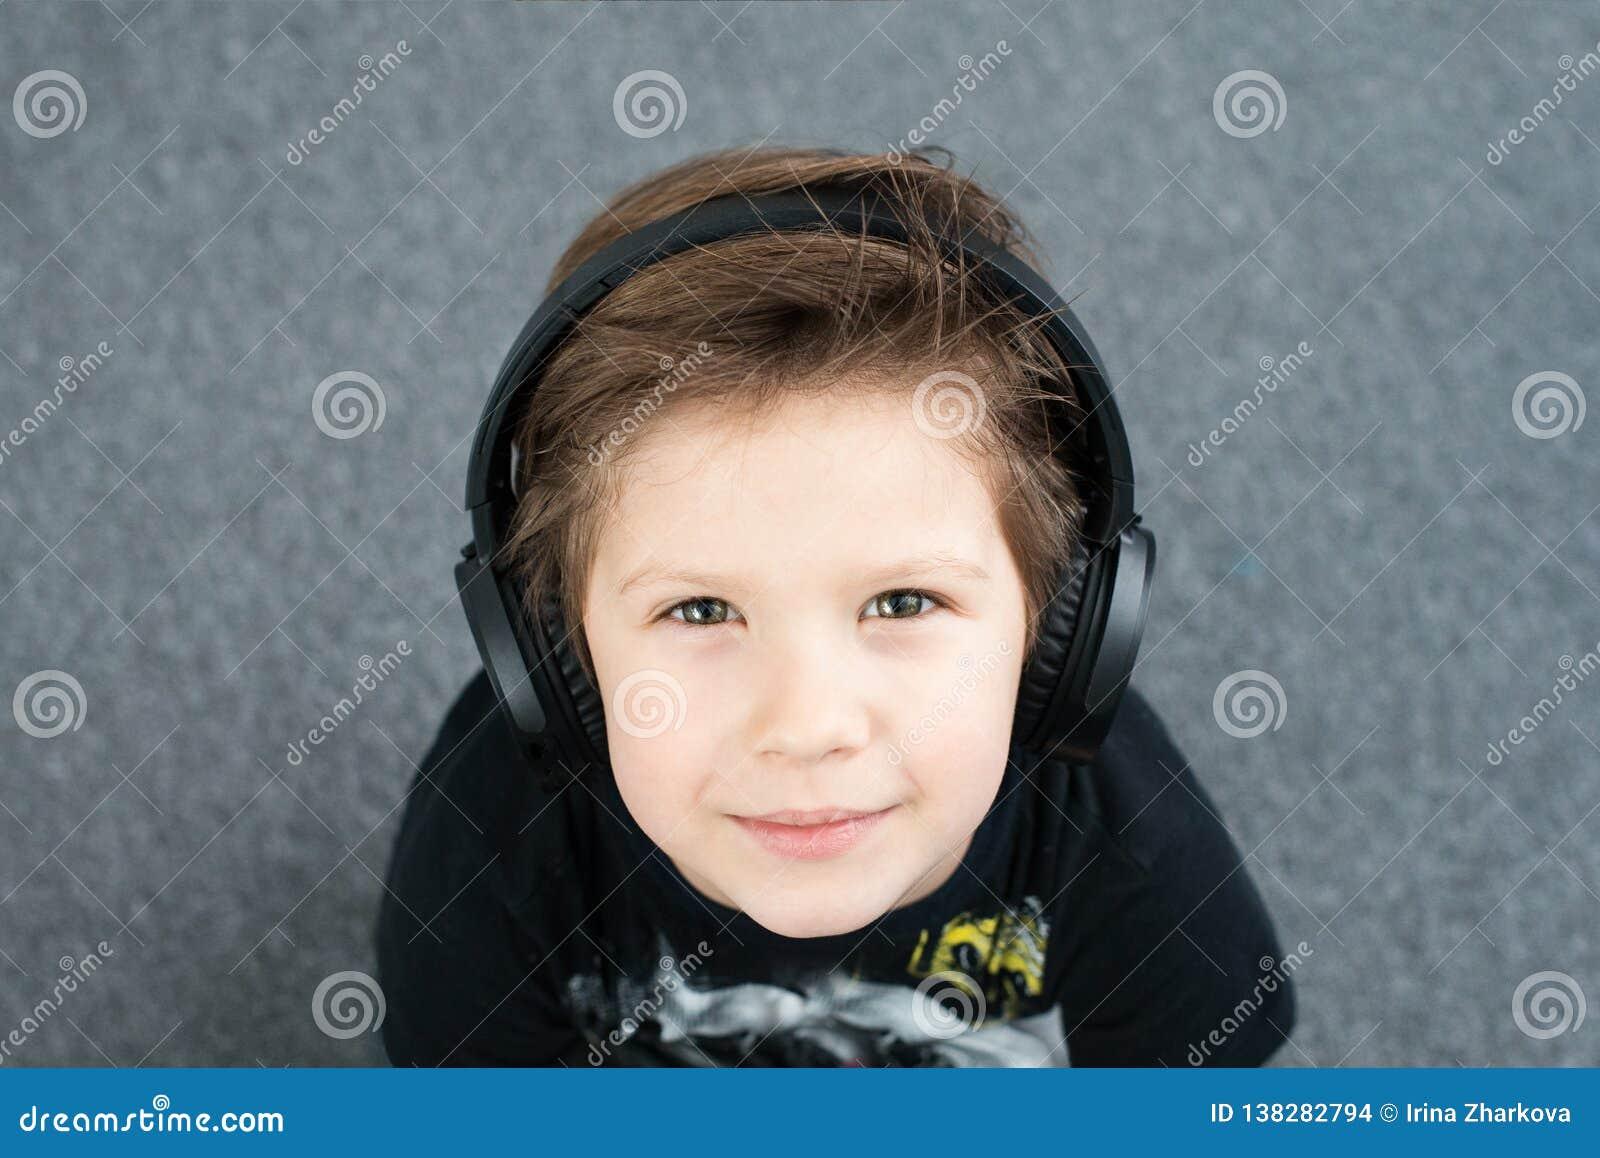 Handsome boy in headphones